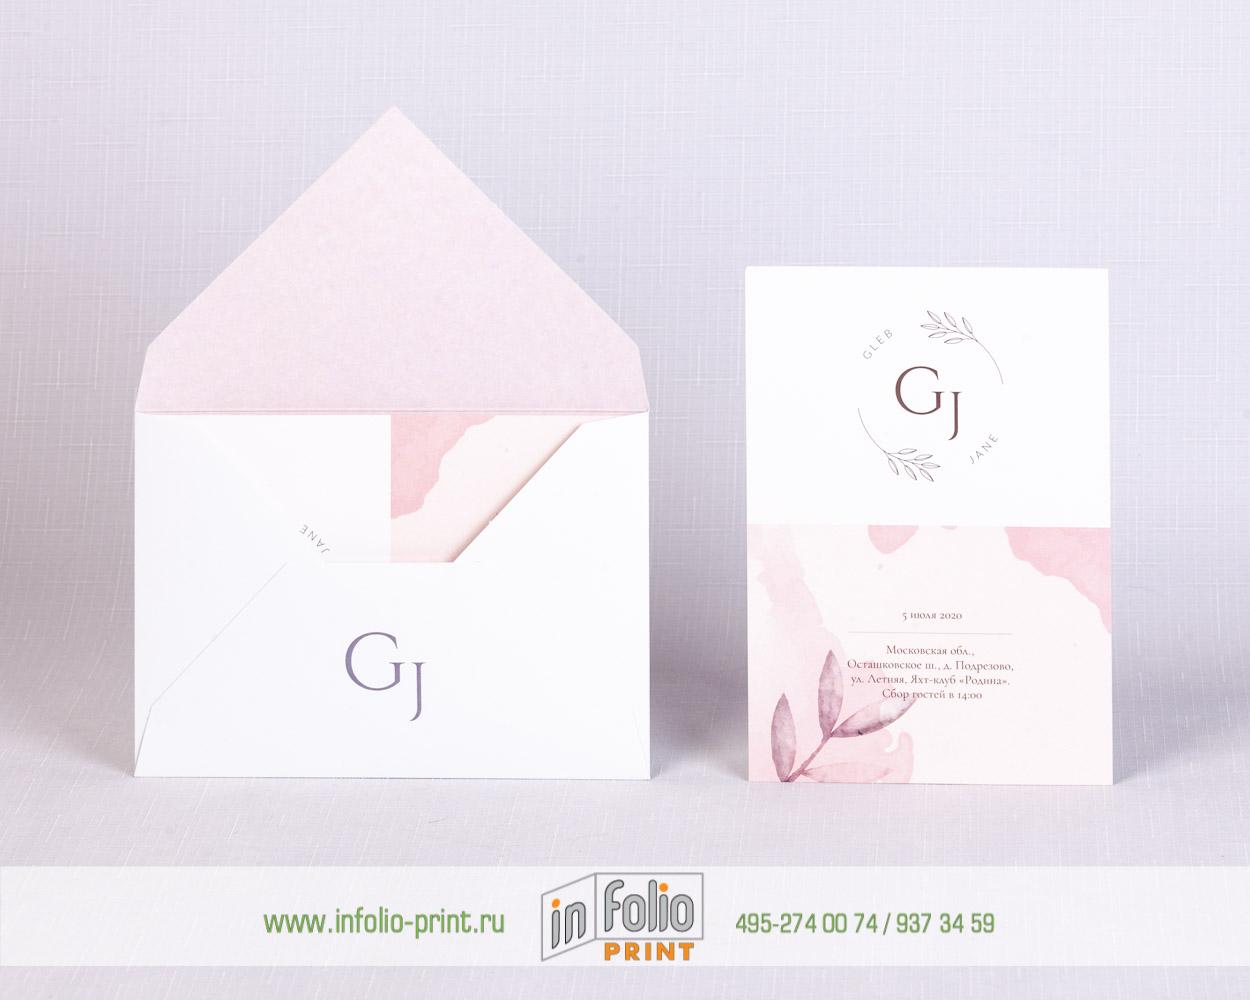 нежный конверт с приглашением на свадьбу